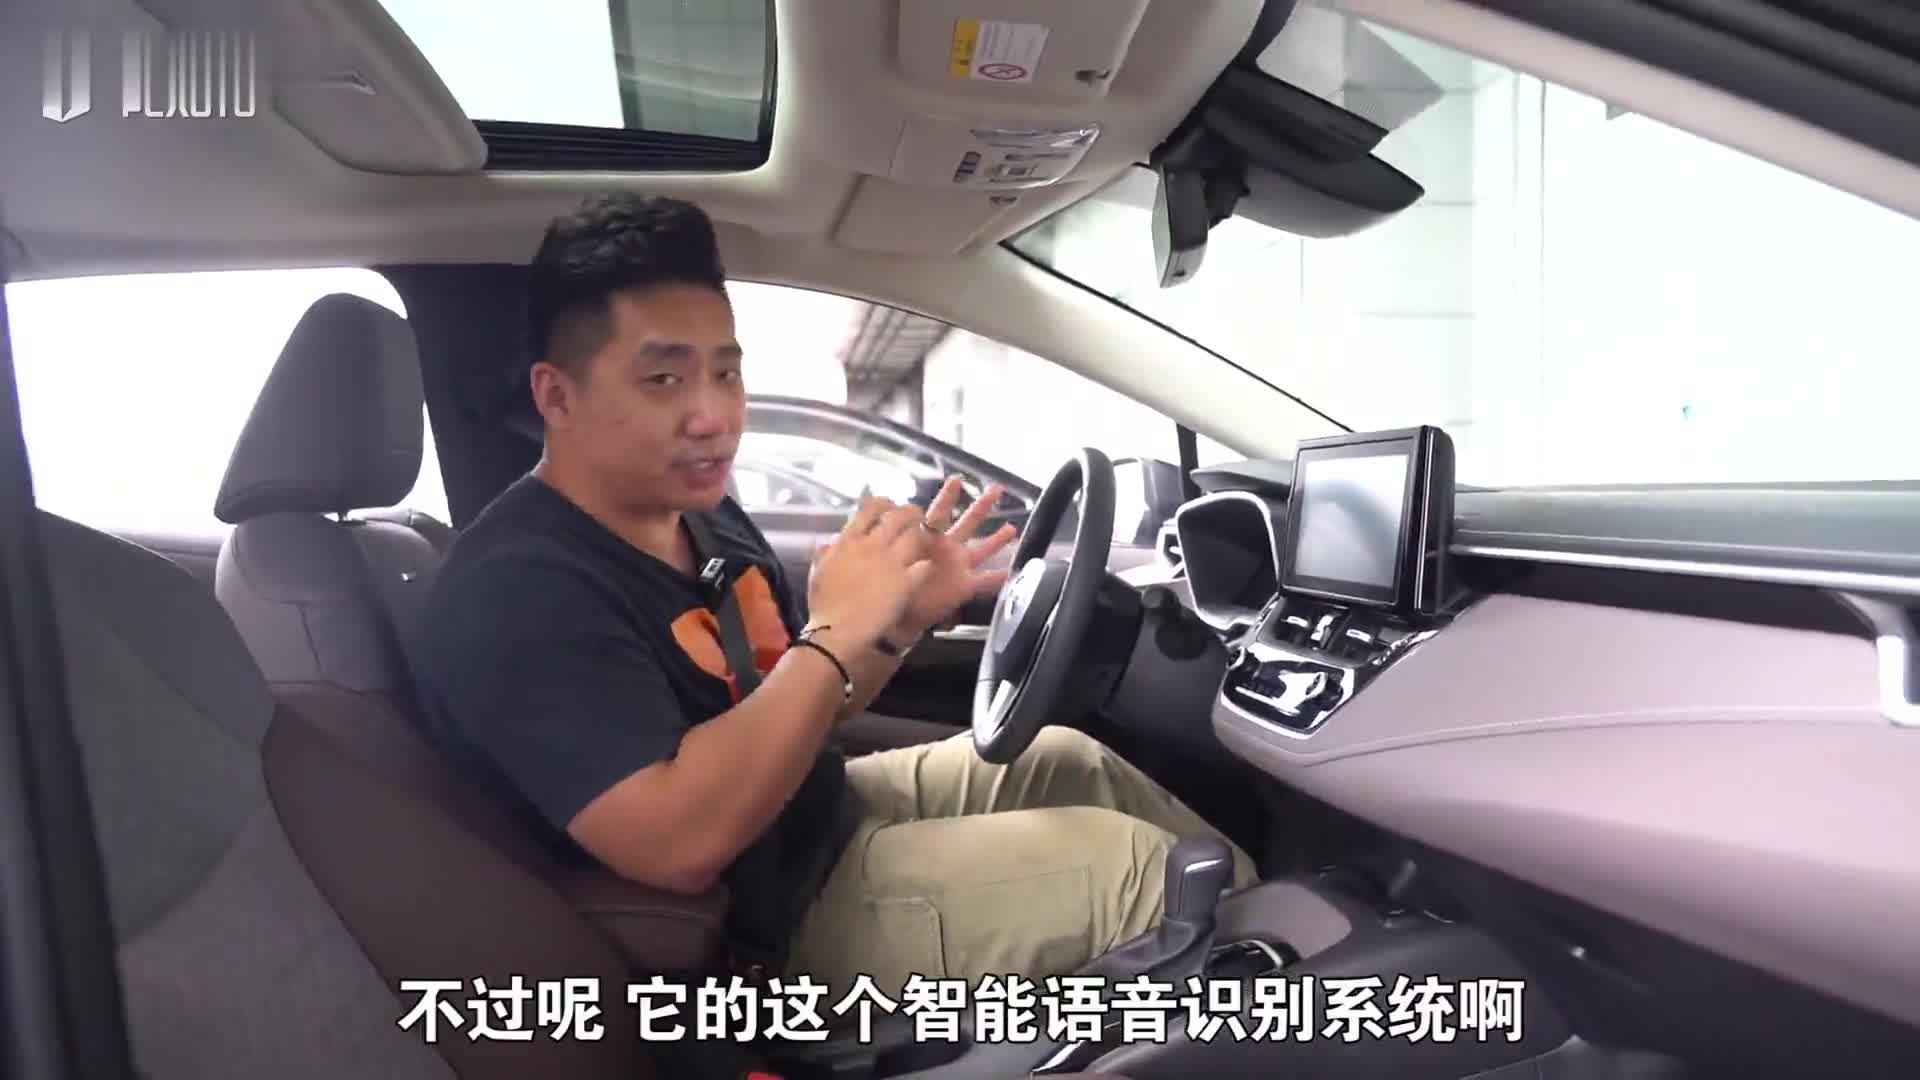 视频:中国特供,真香! 枫桦试驾一汽丰田亚洲狮